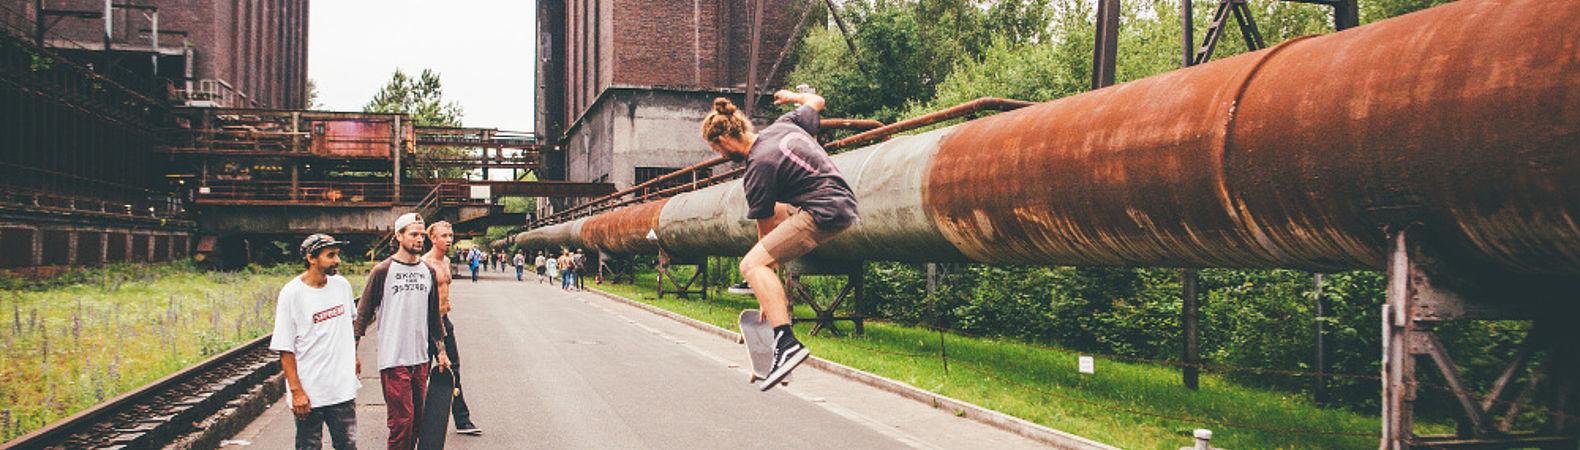 Skater auf der Kokerei Hansa, © Julius Gnoth